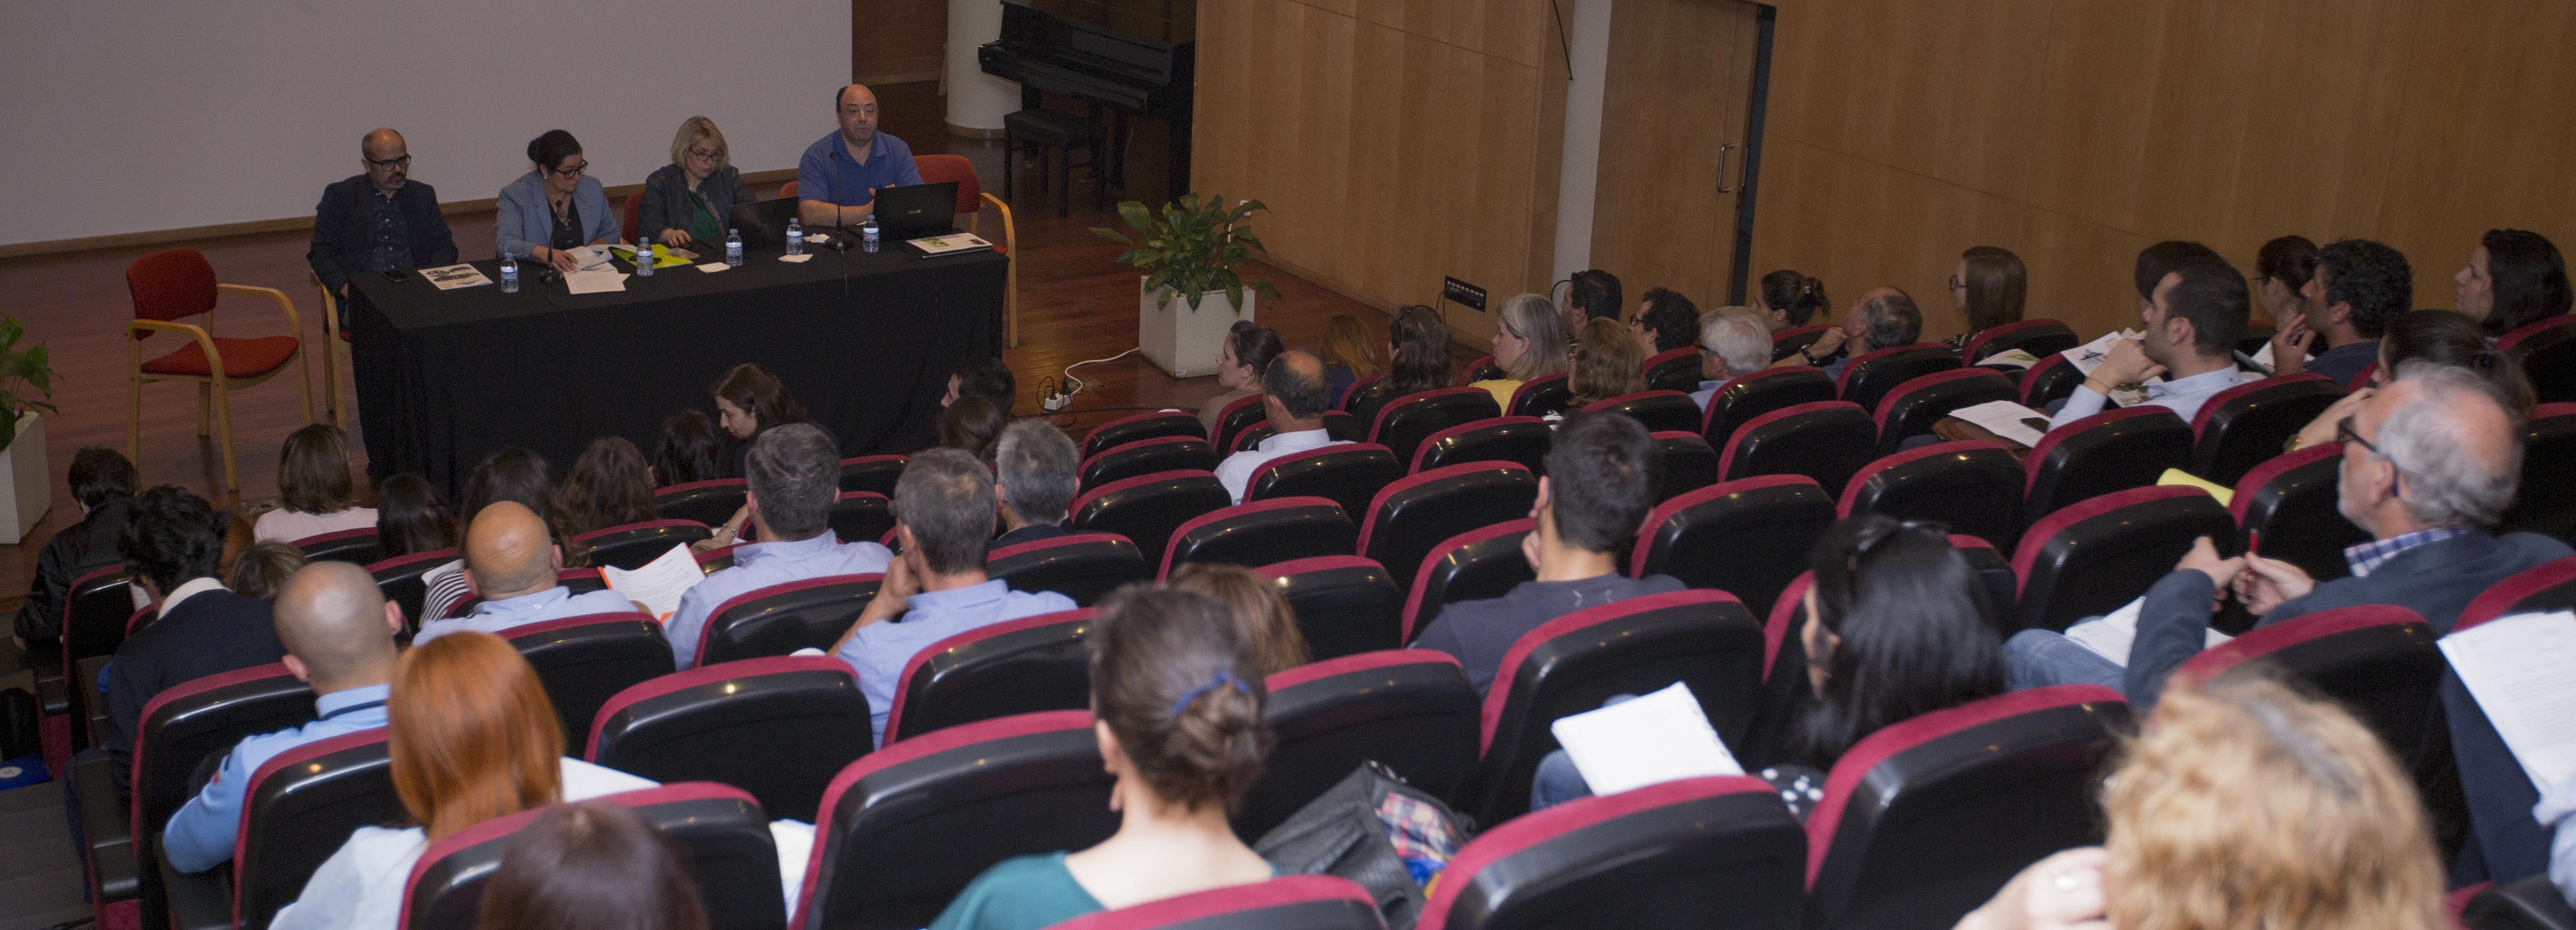 Conselho Local de Ação Social de Barcelos reuniu esta semana